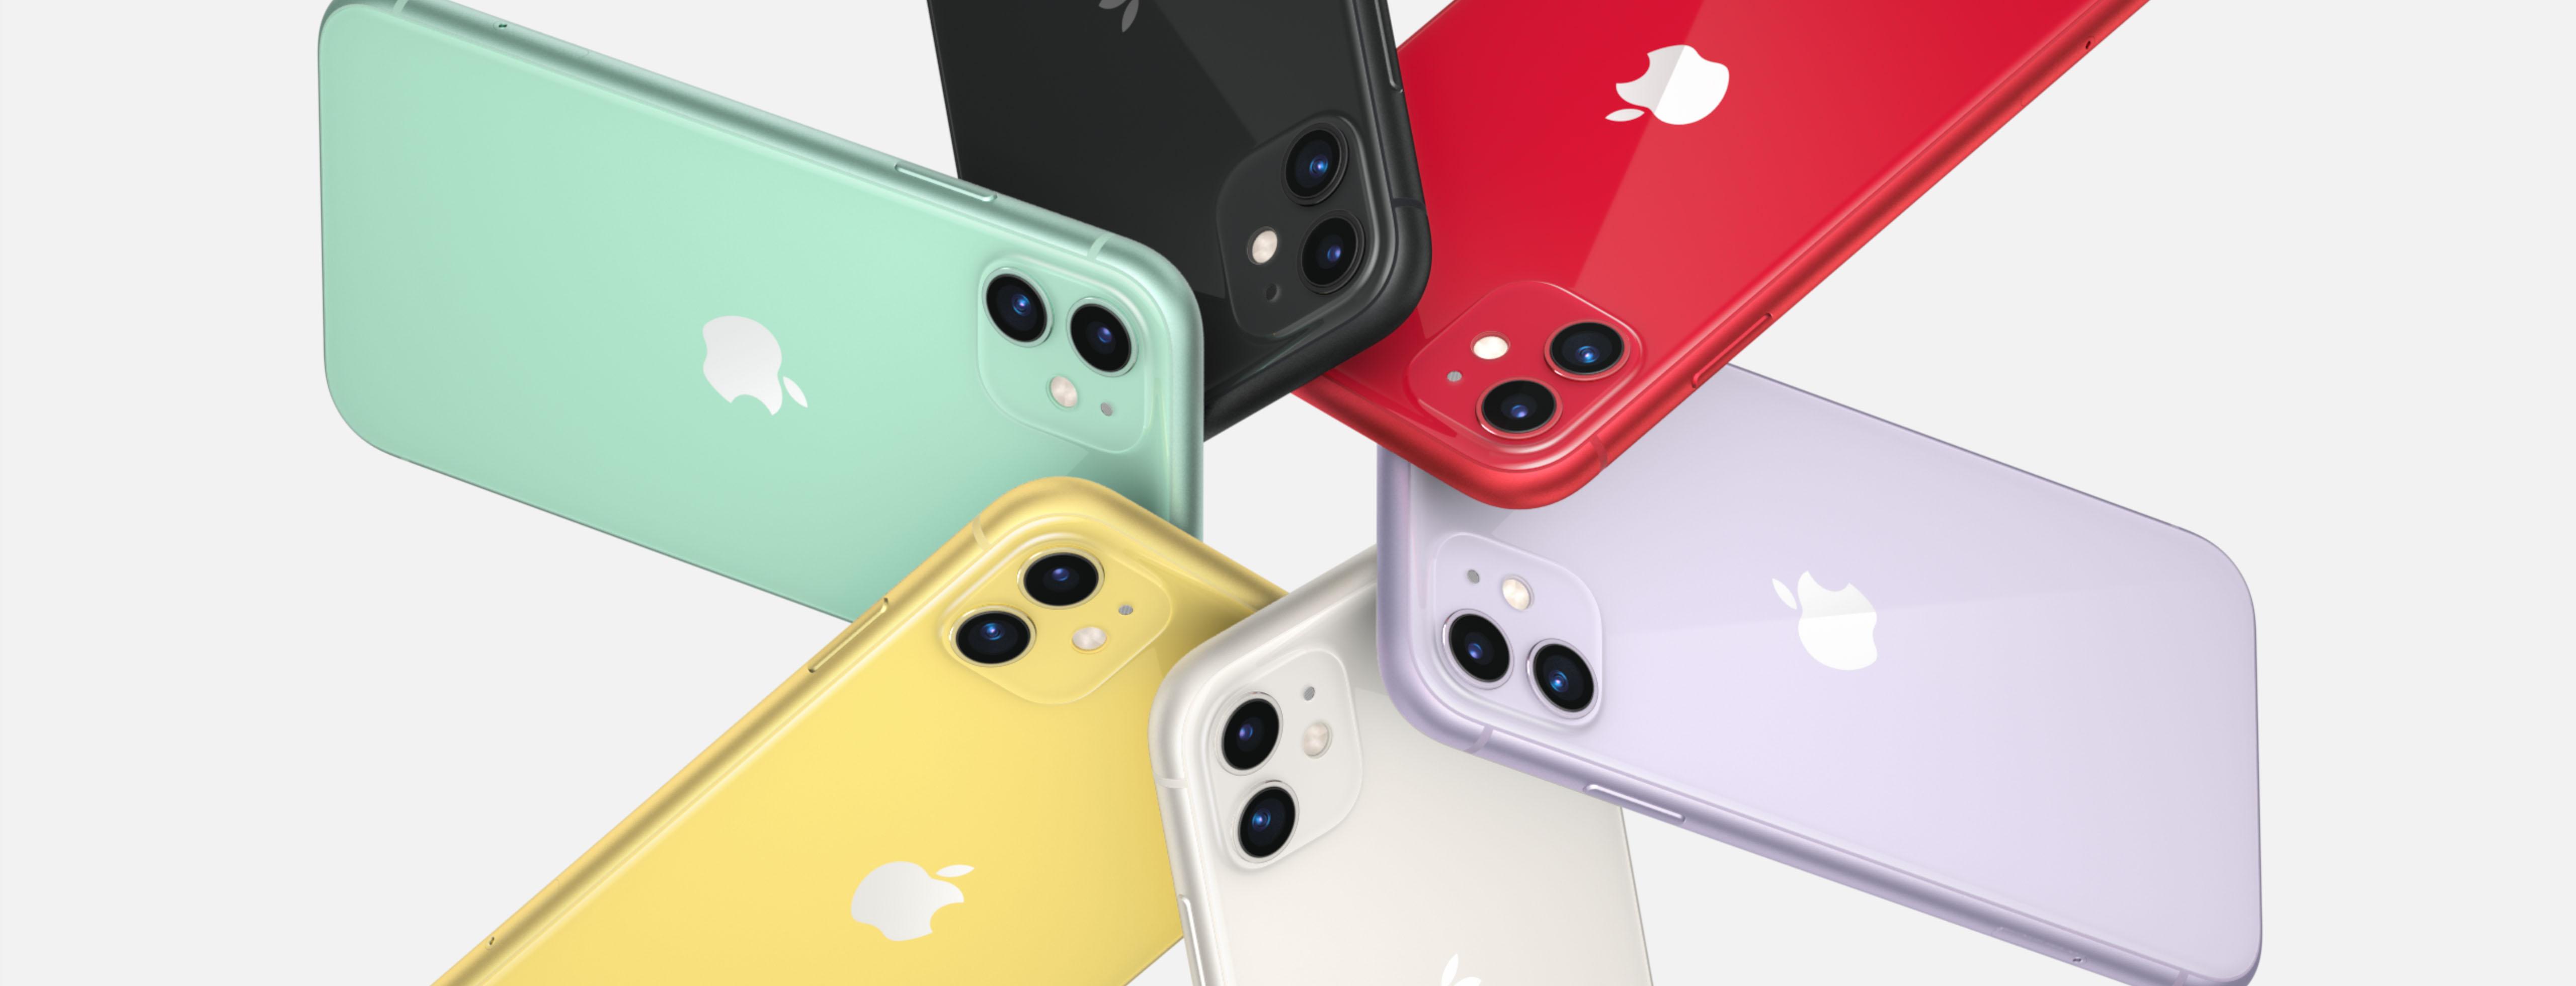 Con il supporto al Wi-Fi 6 dei nuovi iPhone 11, maggiore efficenza con lo streaming e non solo